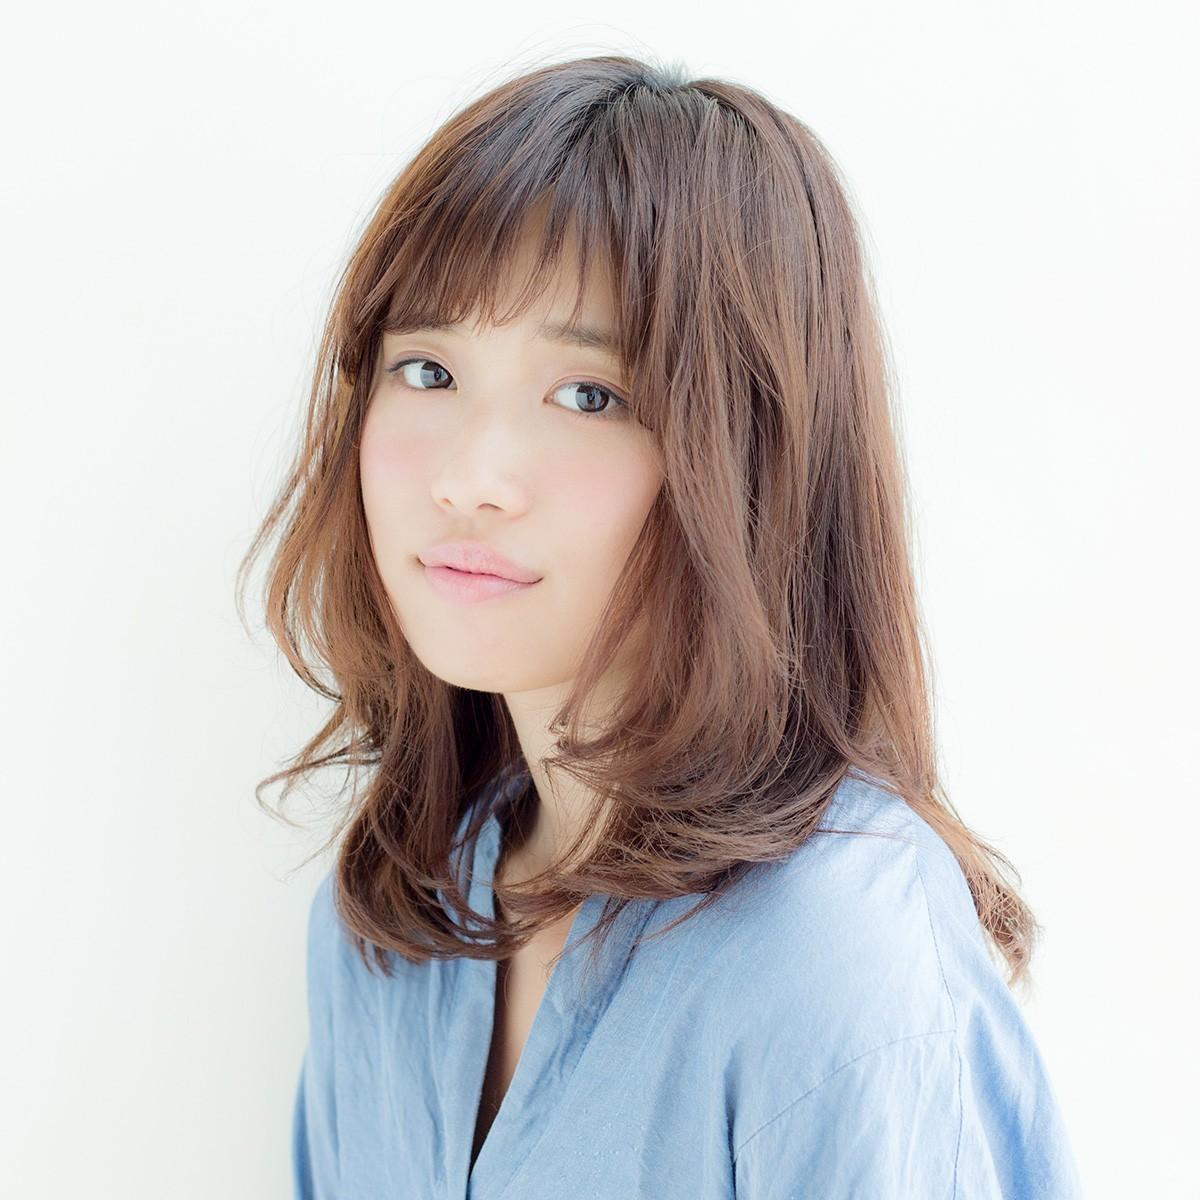 最旬ミディアムスタイルを今すぐチェック!ヘアカタログ マキアオンライン版